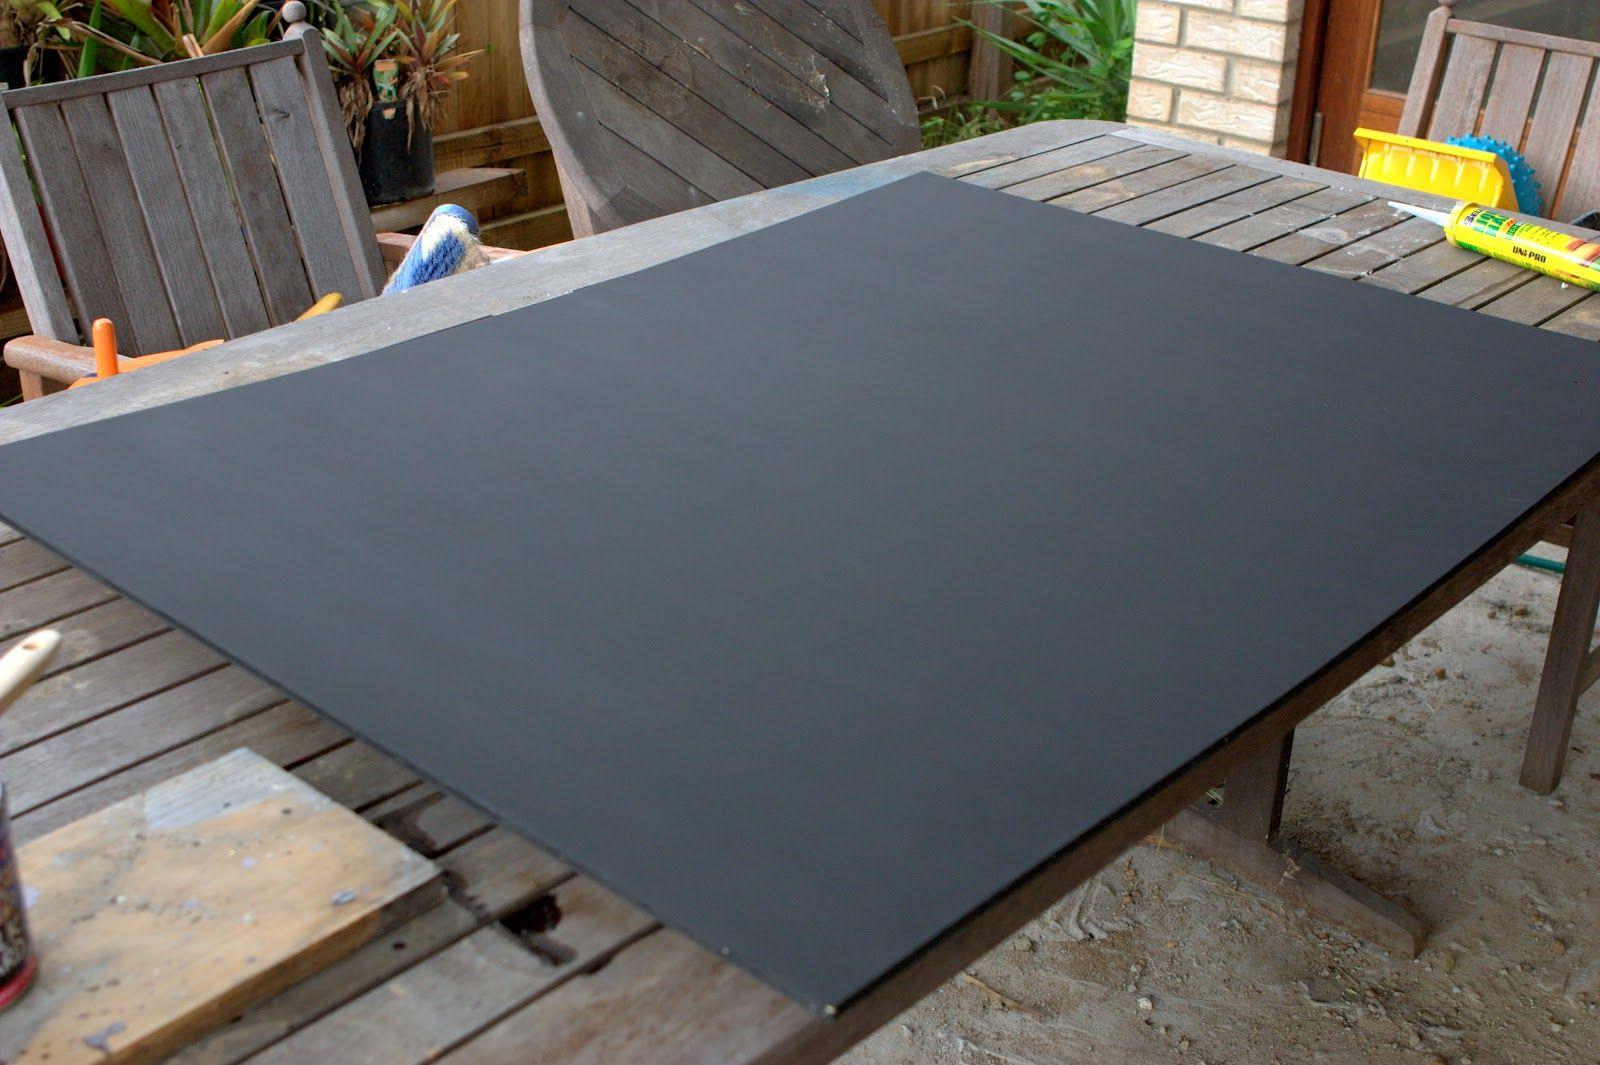 Max U0026 Me: DIY Outdoor Chalkboard